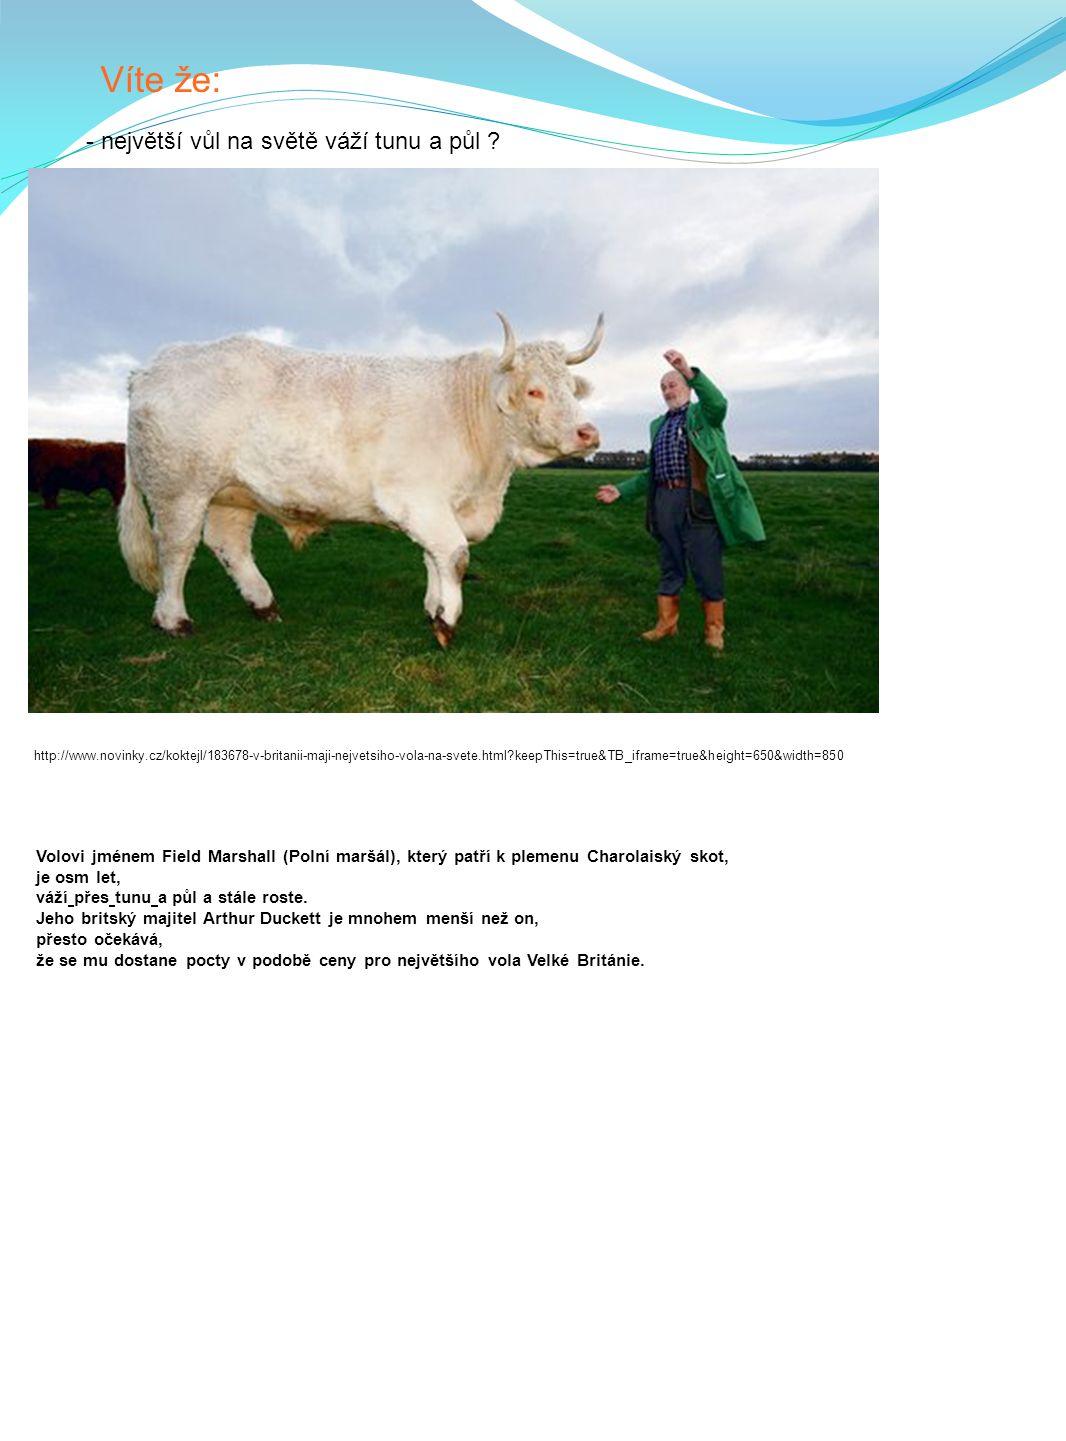 - roštěnec z mladého kusu - roštěnec ze staré vyřazené krávy Správně přiřaďte http://cs.wikipedia.org/wiki/Hov%C4%9Bz%C3%AD_maso